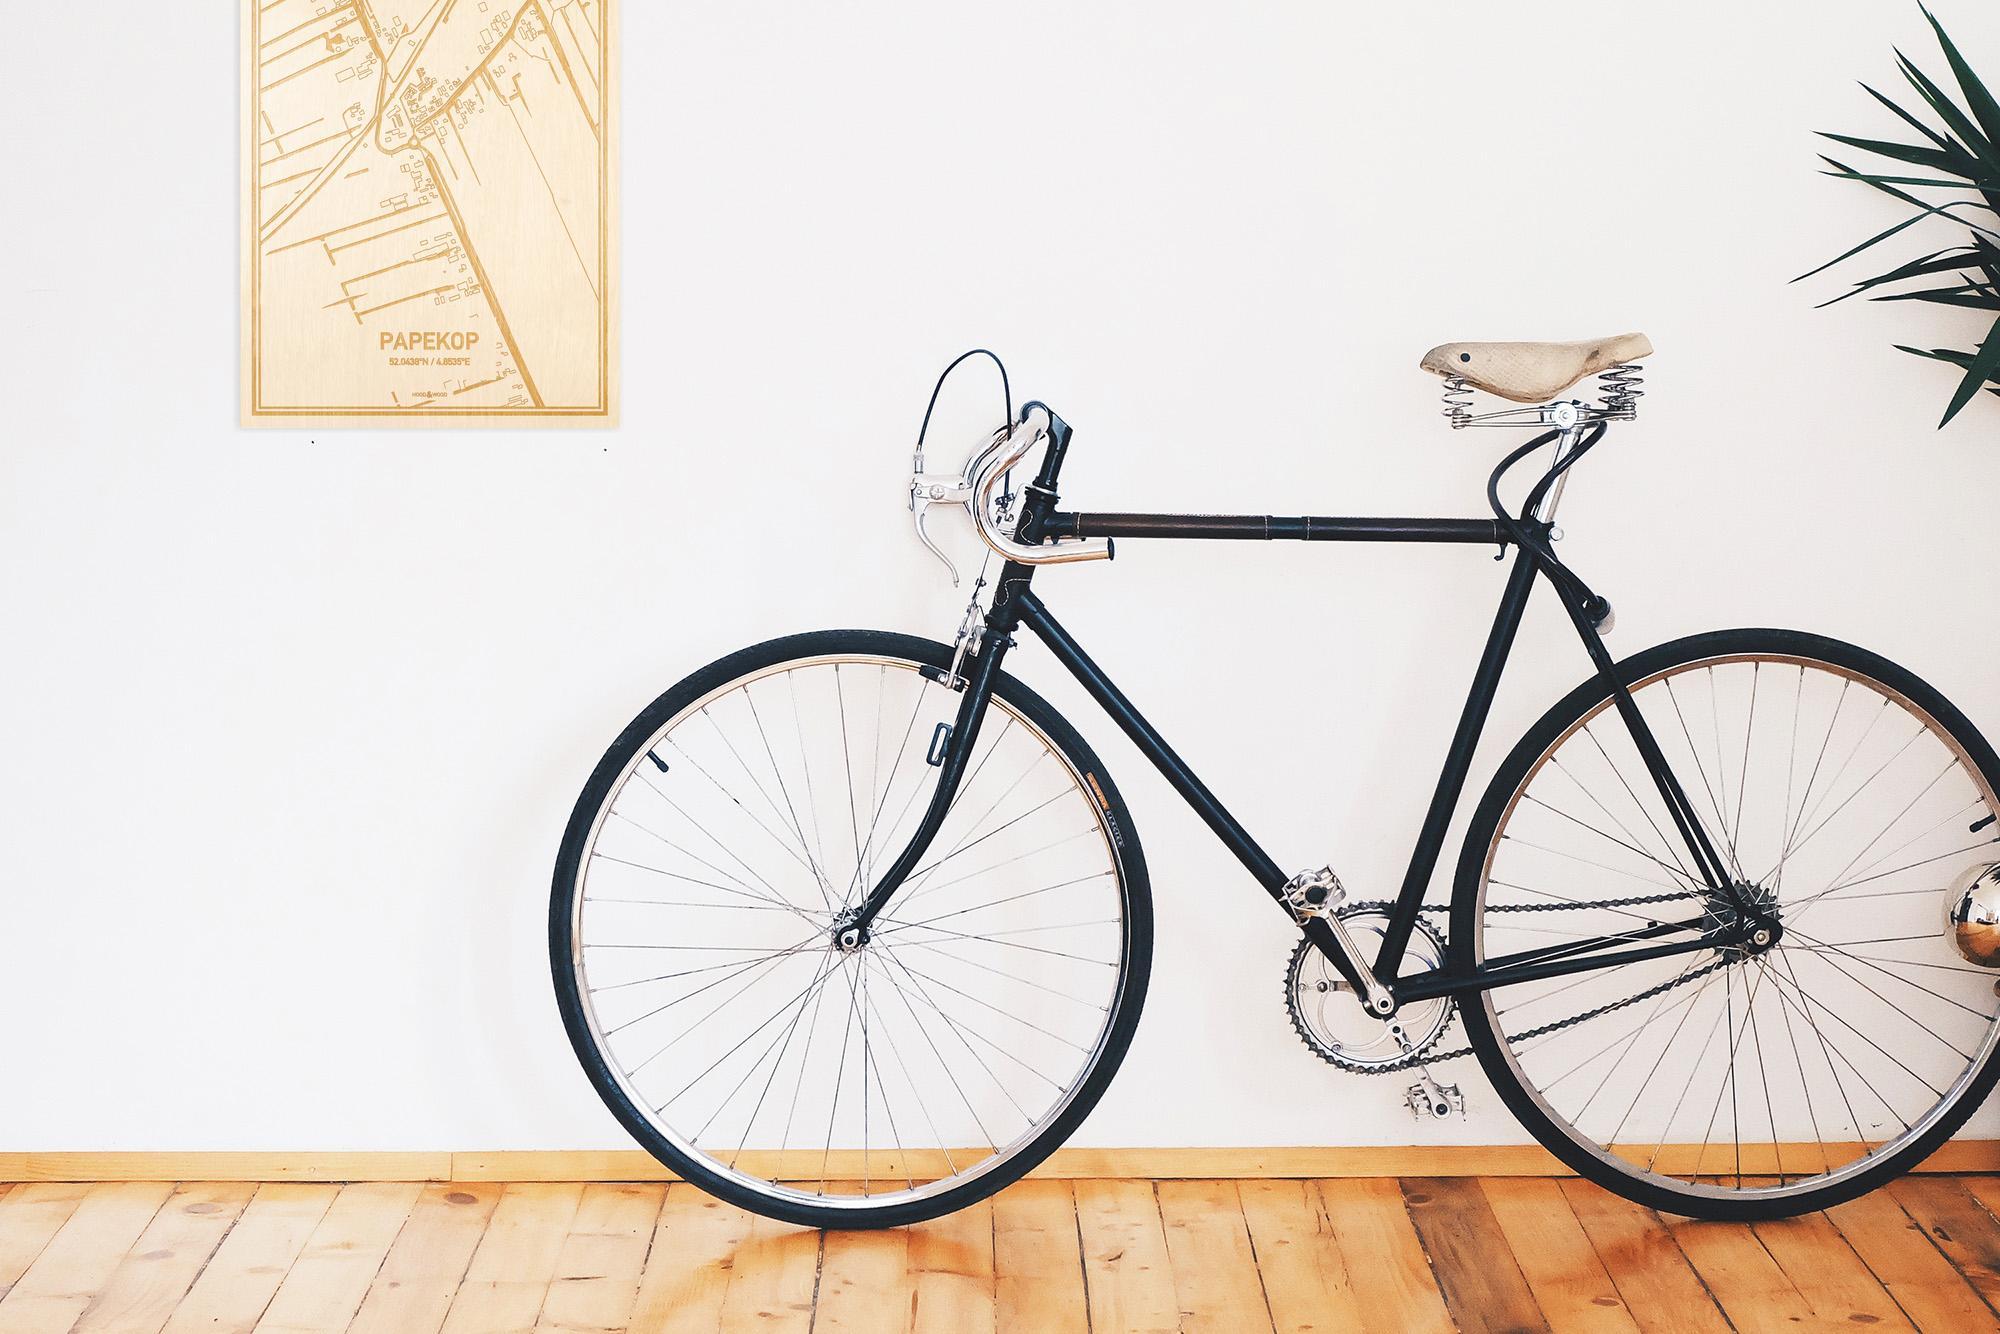 Een snelle fiets in een uniek interieur in Utrecht met mooie decoratie zoals de plattegrond Papekop.